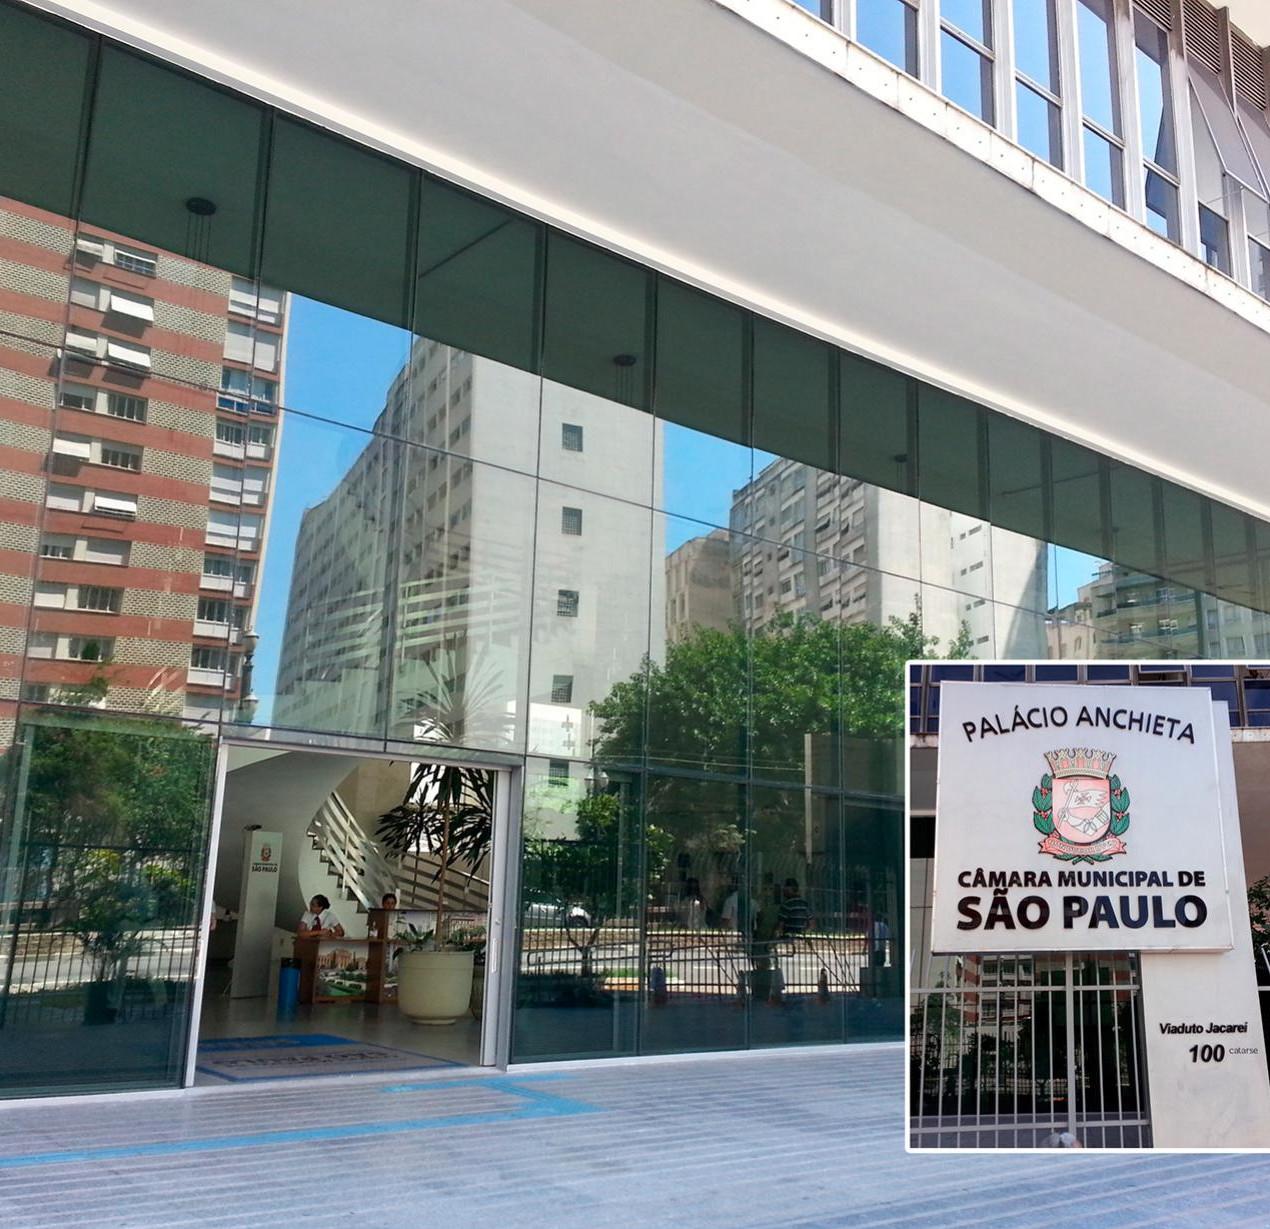 Blindagem arquitetônica Blindaço - blindagem de fachada da Câmara Municipal de São Paulo